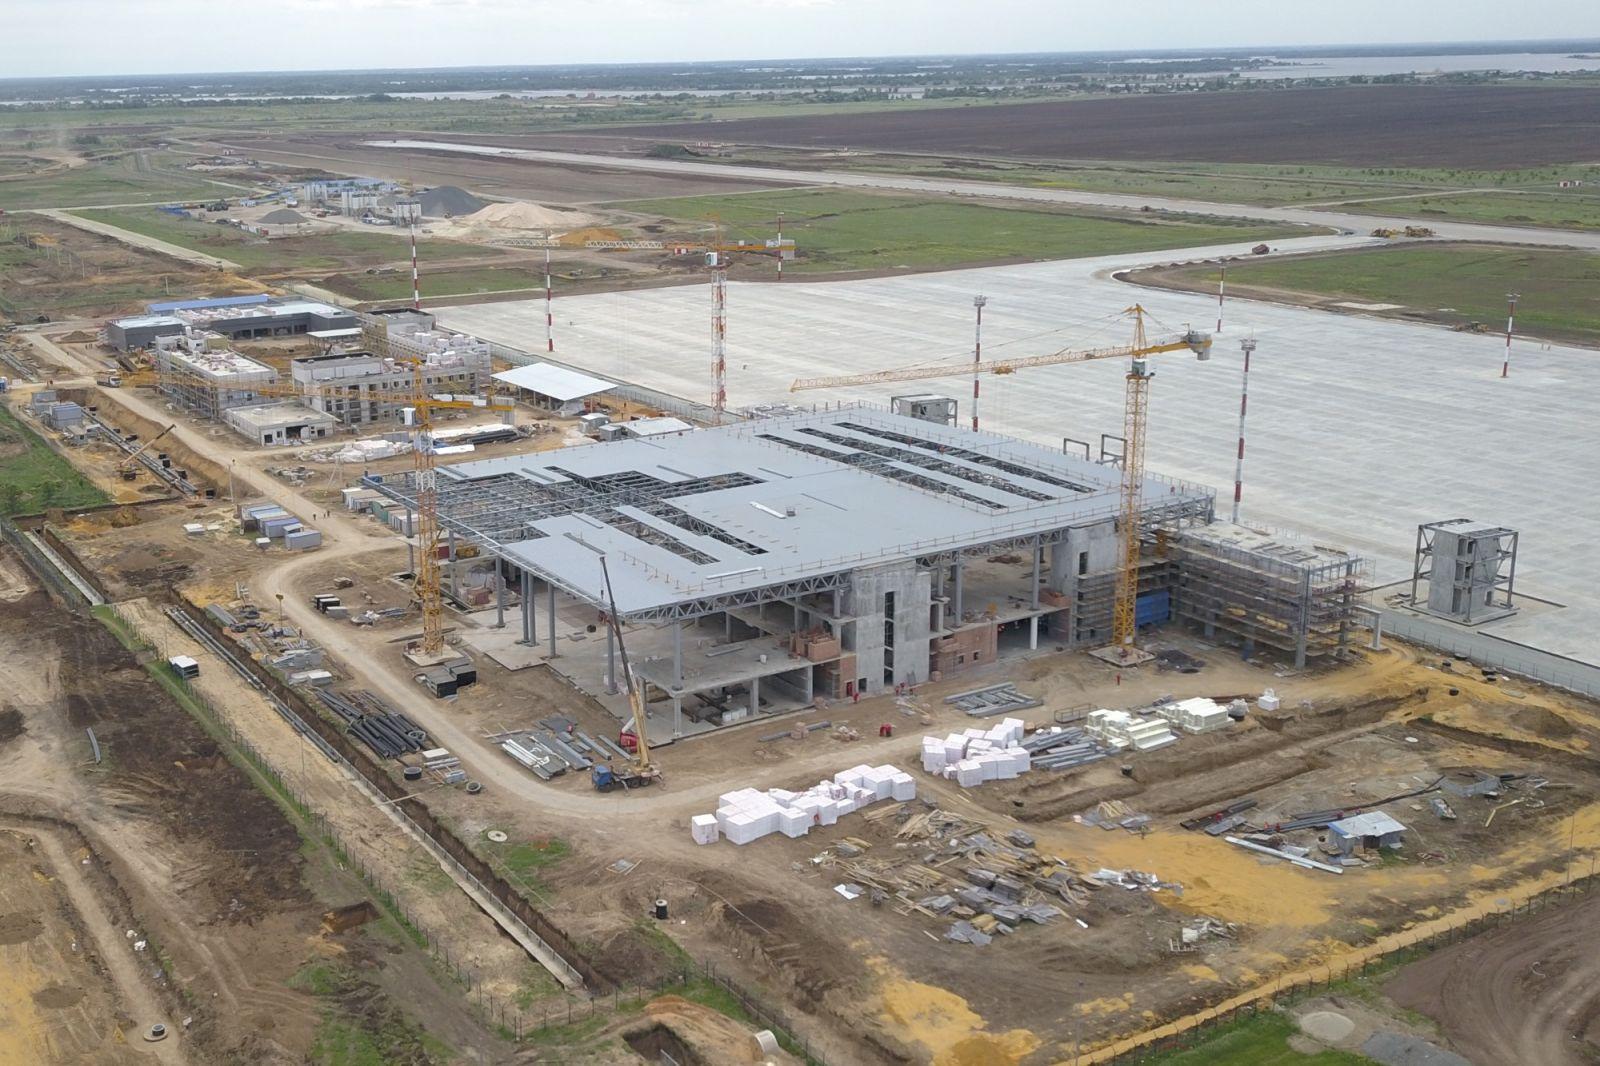 строительство аэропортов